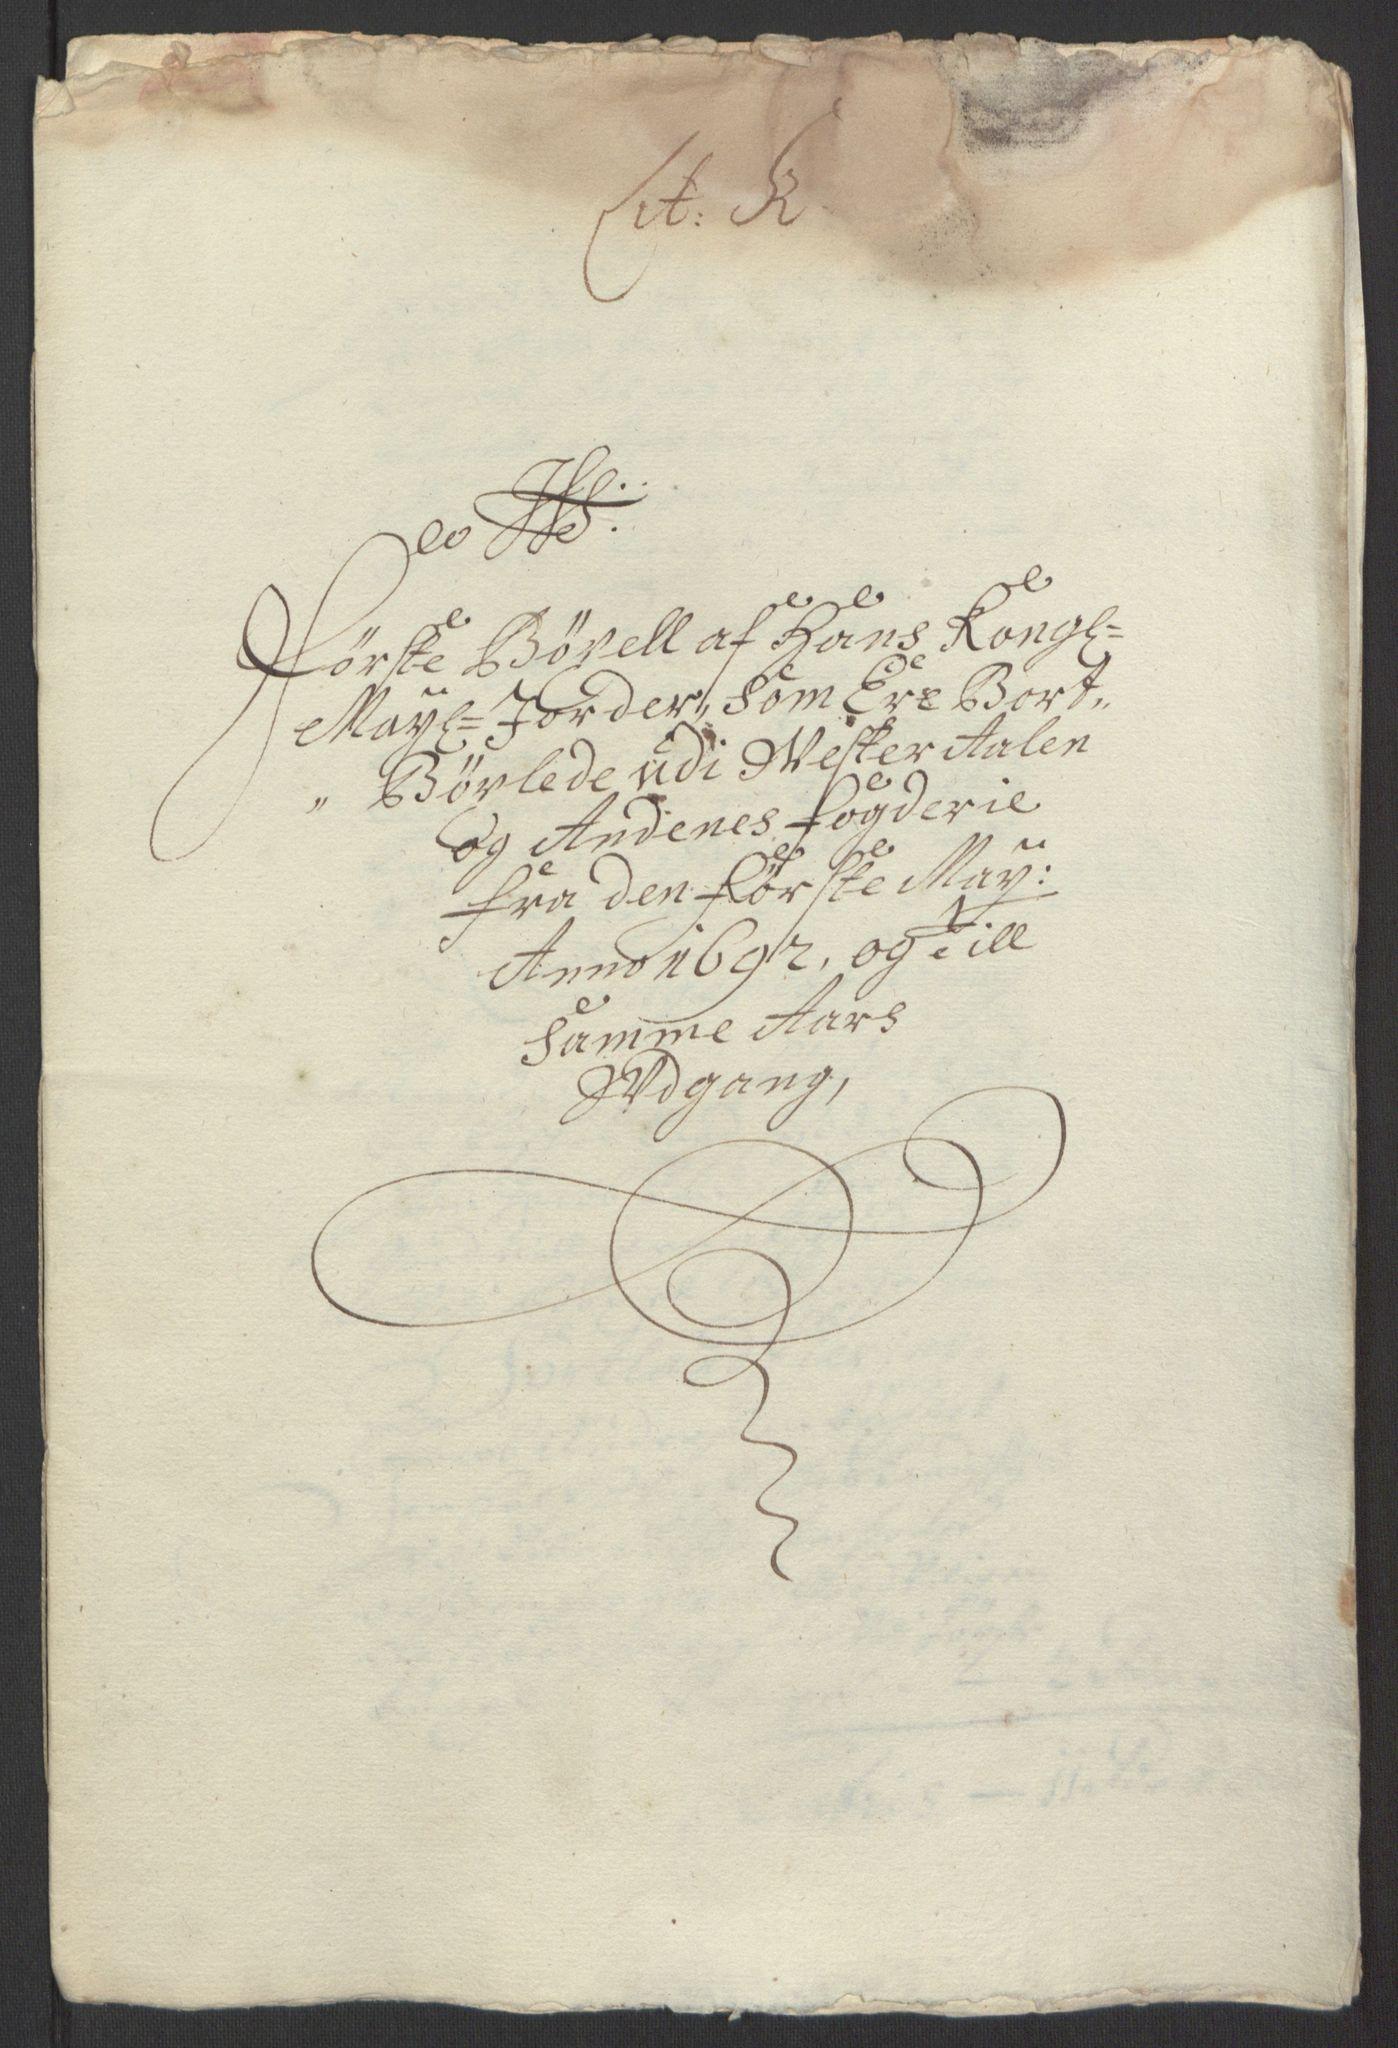 RA, Rentekammeret inntil 1814, Reviderte regnskaper, Fogderegnskap, R67/L4676: Fogderegnskap Vesterålen, Andenes og Lofoten, 1691-1693, s. 176